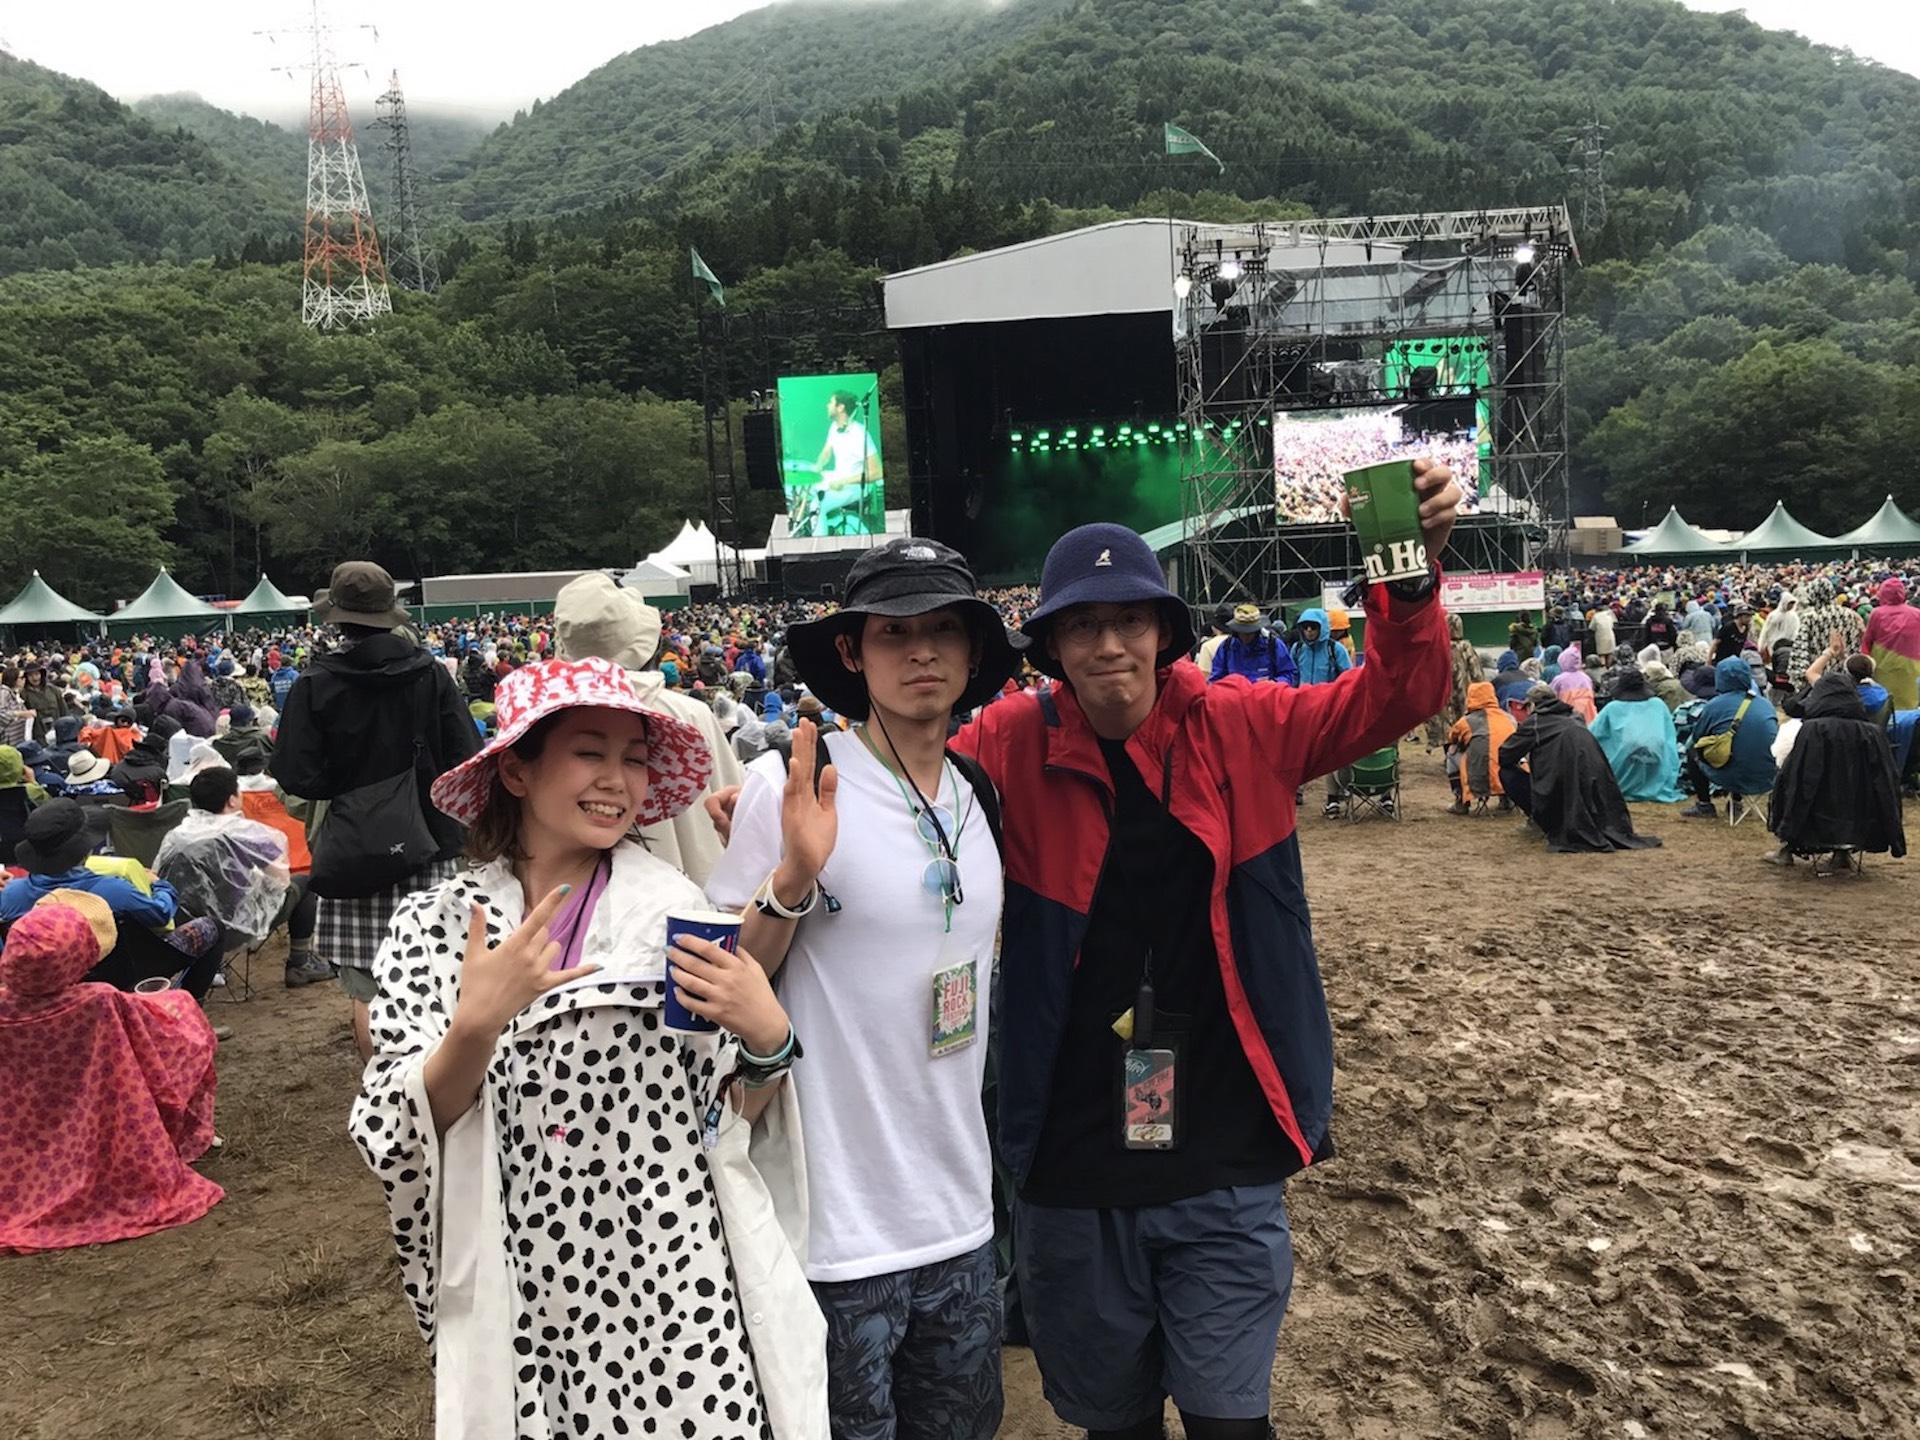 25人に訊く<FUJI ROCK FESTIVAL 2019>にいく理由|#13 カズシゲスズキ(アーティスト|I Saw You Yesterday) music190700-fujirock2019-1